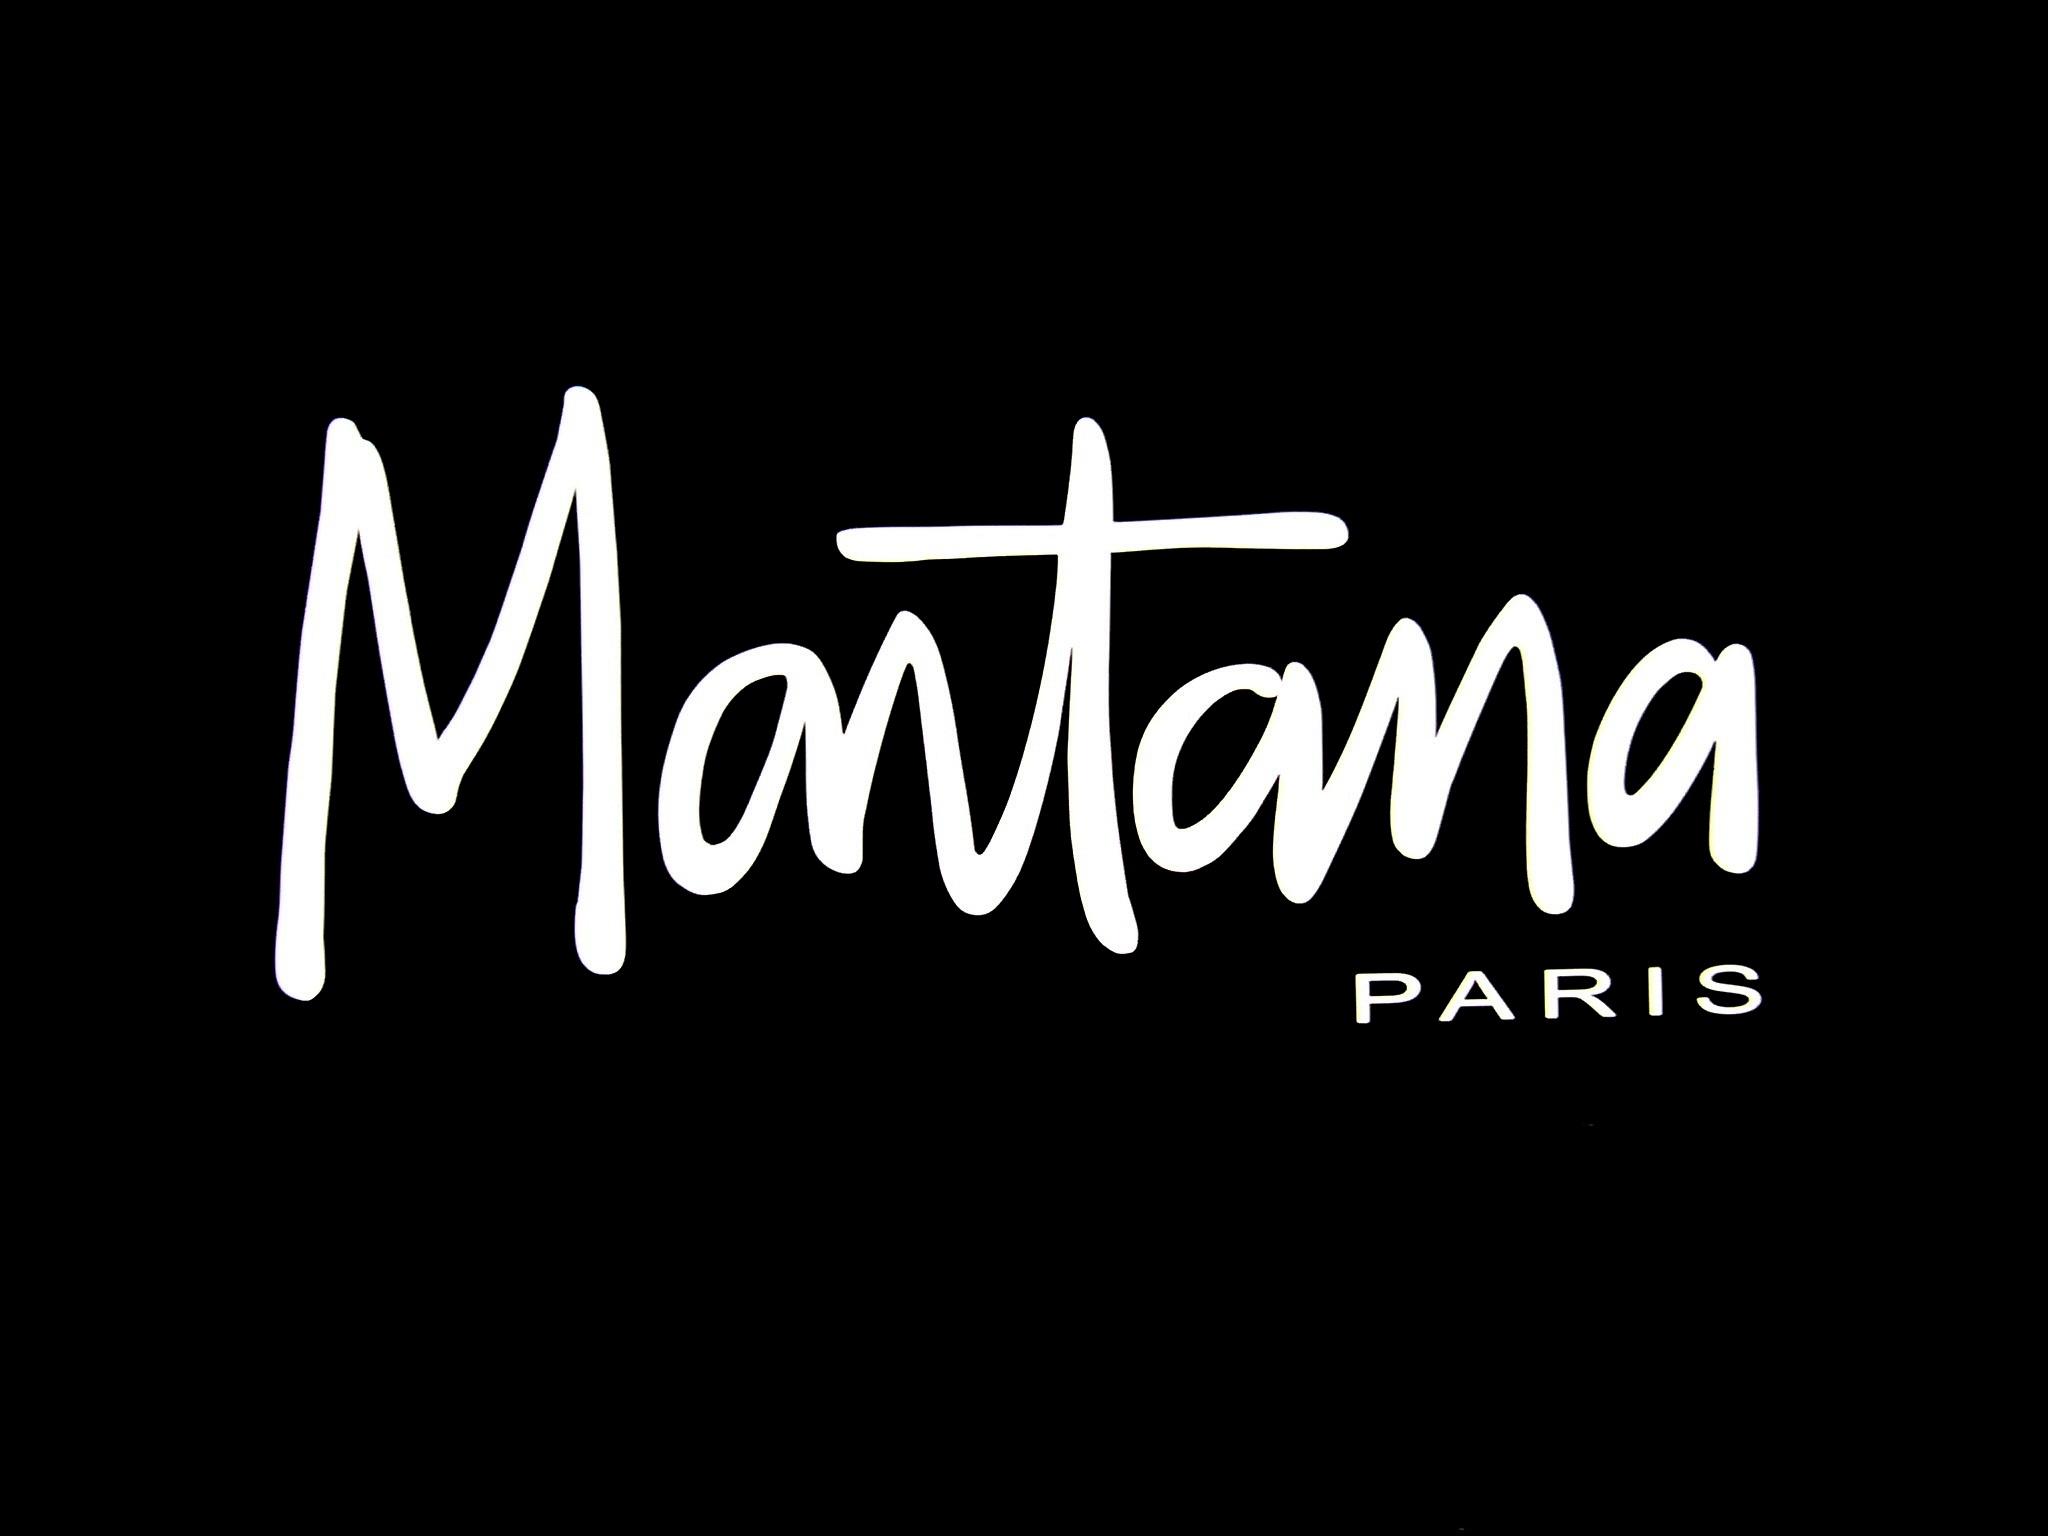 www.montana.fr